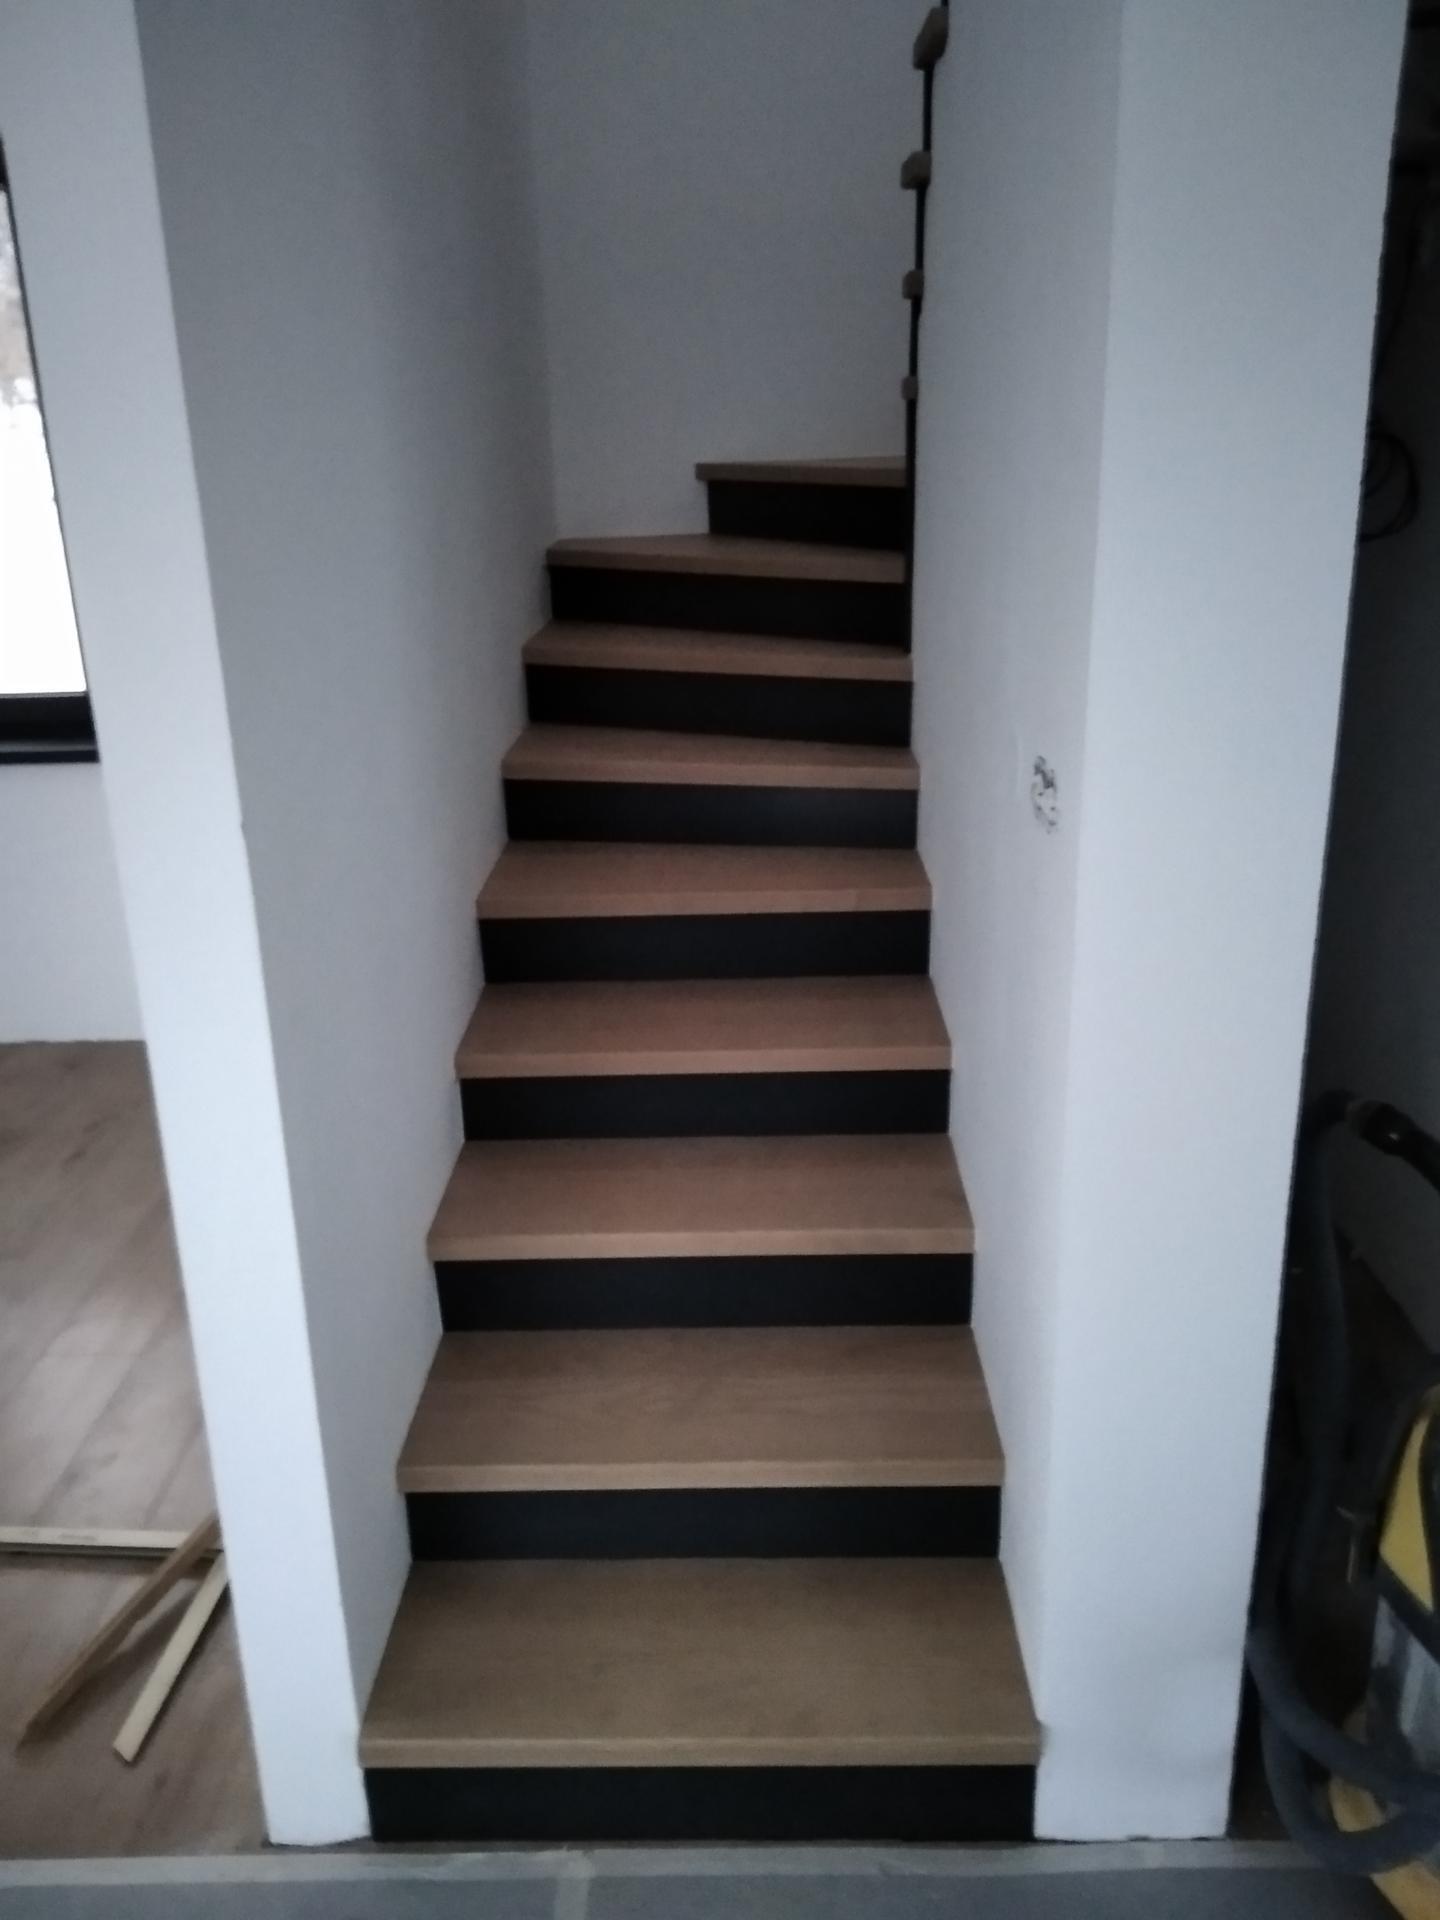 Výroba drevených schodov, pozri môj profil - Obrázok č. 1